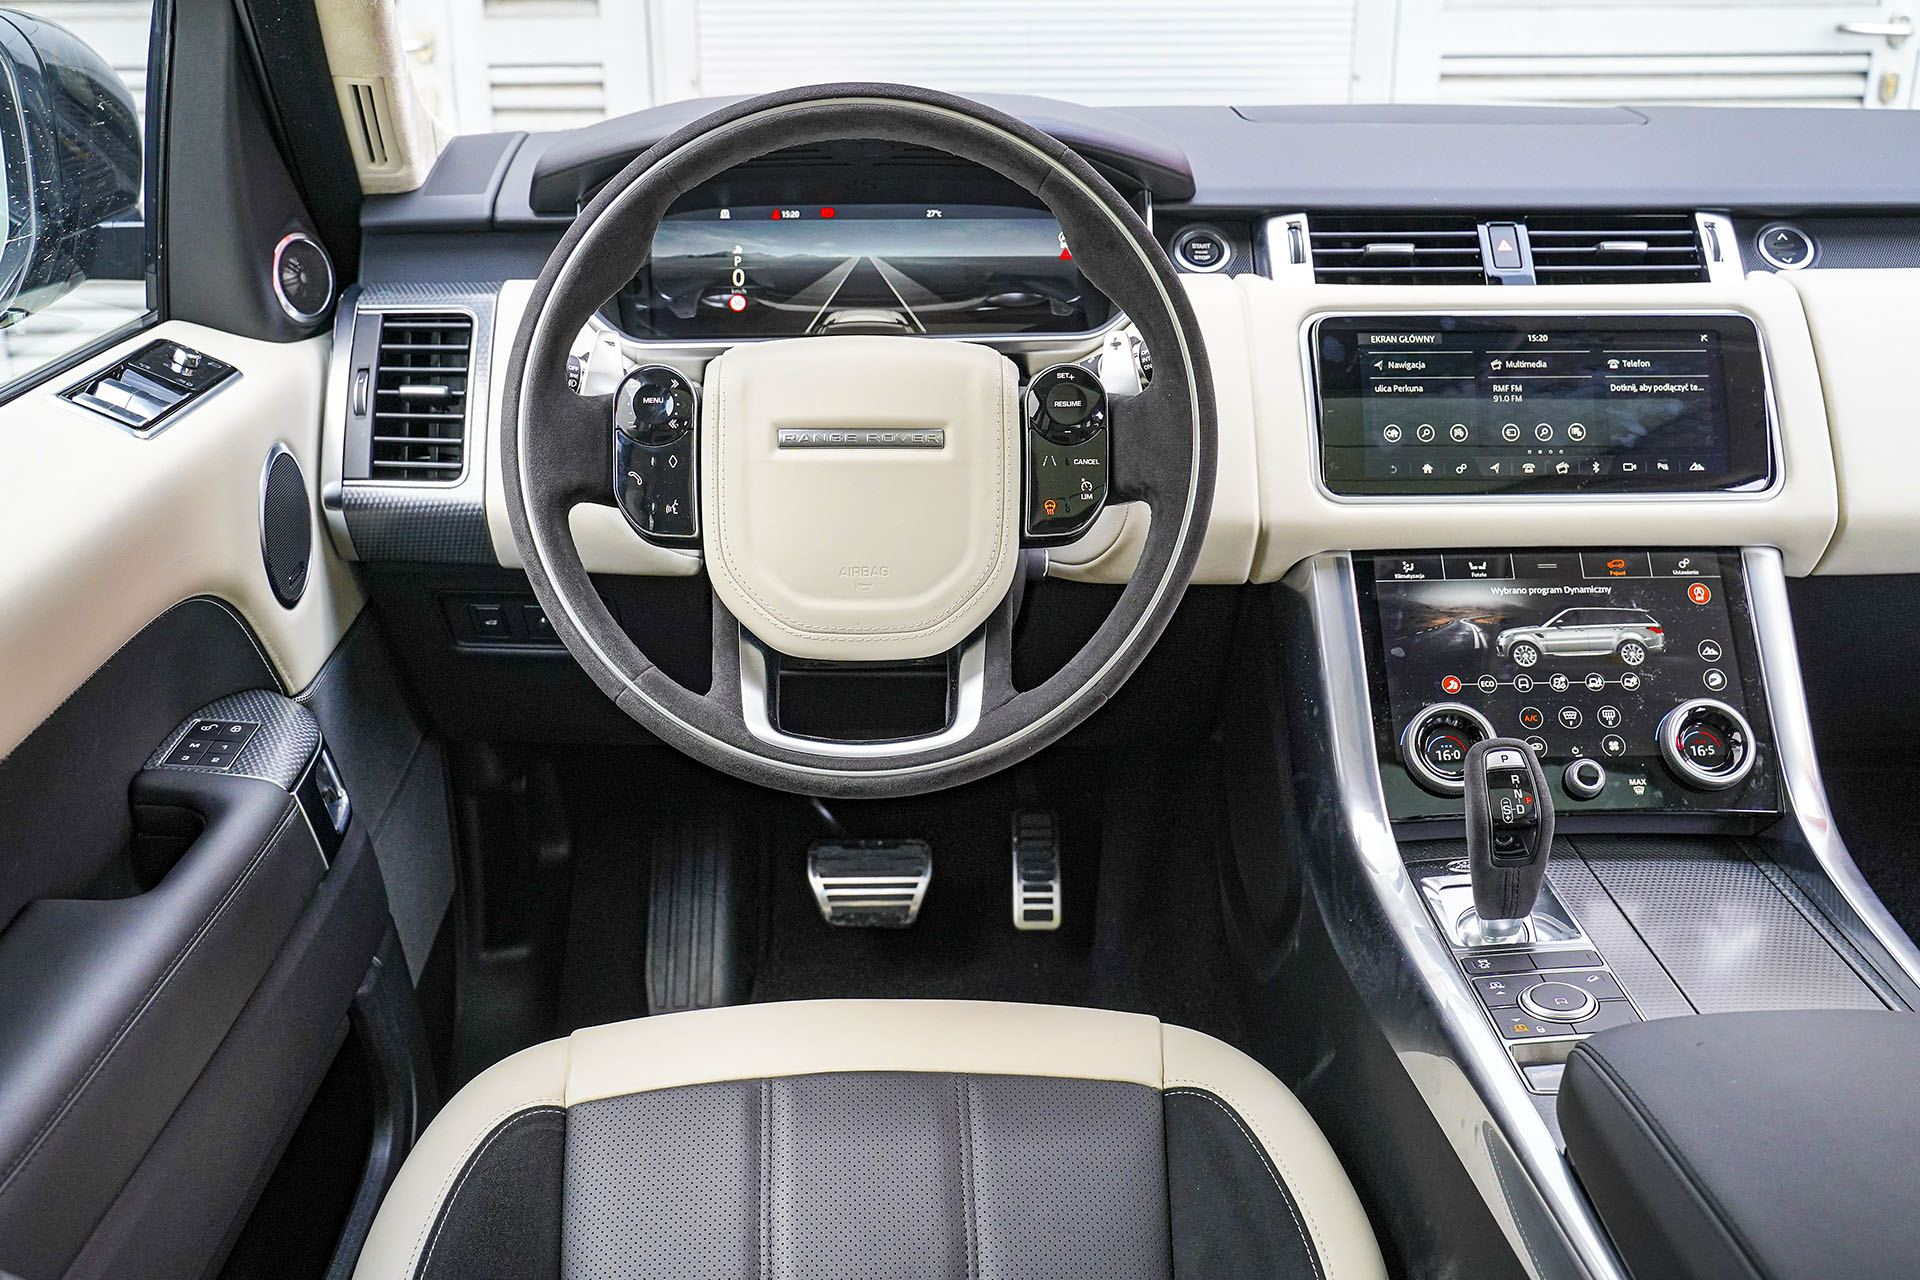 Range Rover Sport - deska rozdzielcza - Land Rover Discovery, Mercedes GLE, Range Rover Sport, Volkswagen Touareg, Volvo XC90 – PORÓWNANIE –opinie, dane techniczne, wymiary